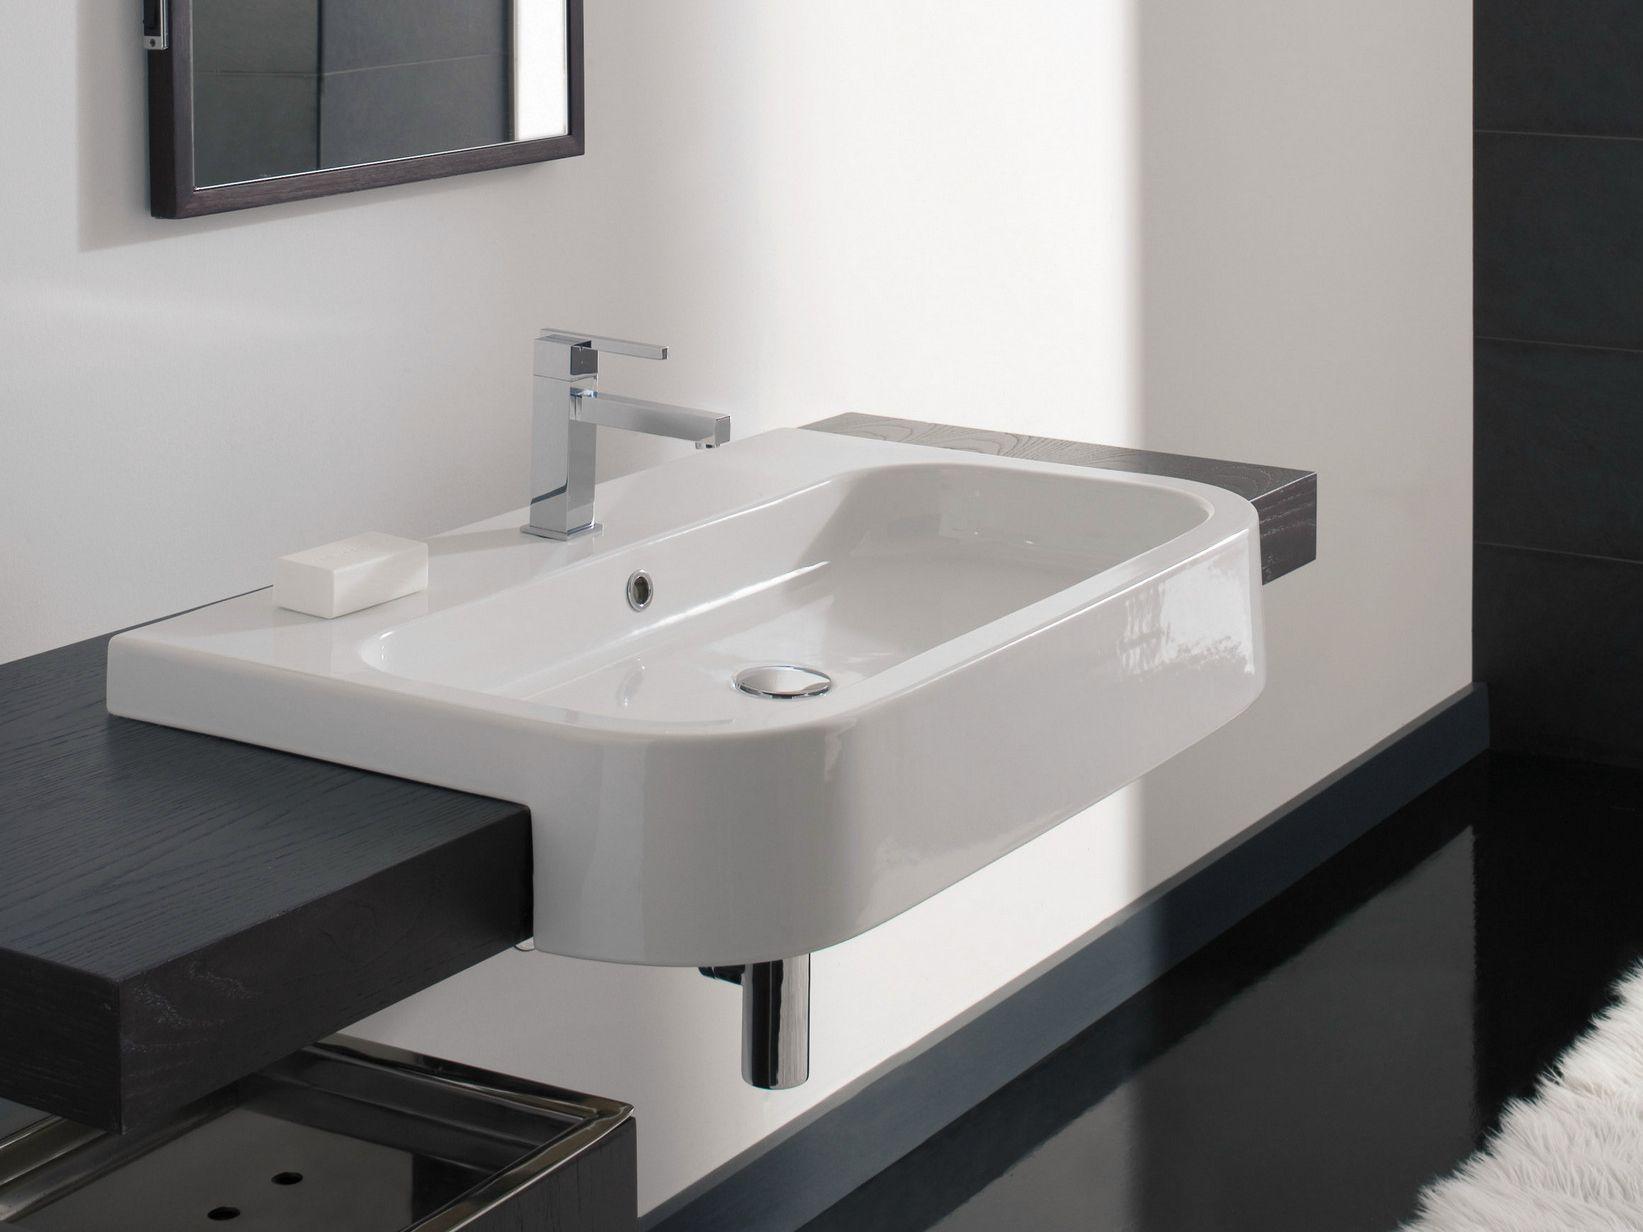 Lavabo semi-encastré rectangulaire en céramique NEXT 80D by Scarabeo ...